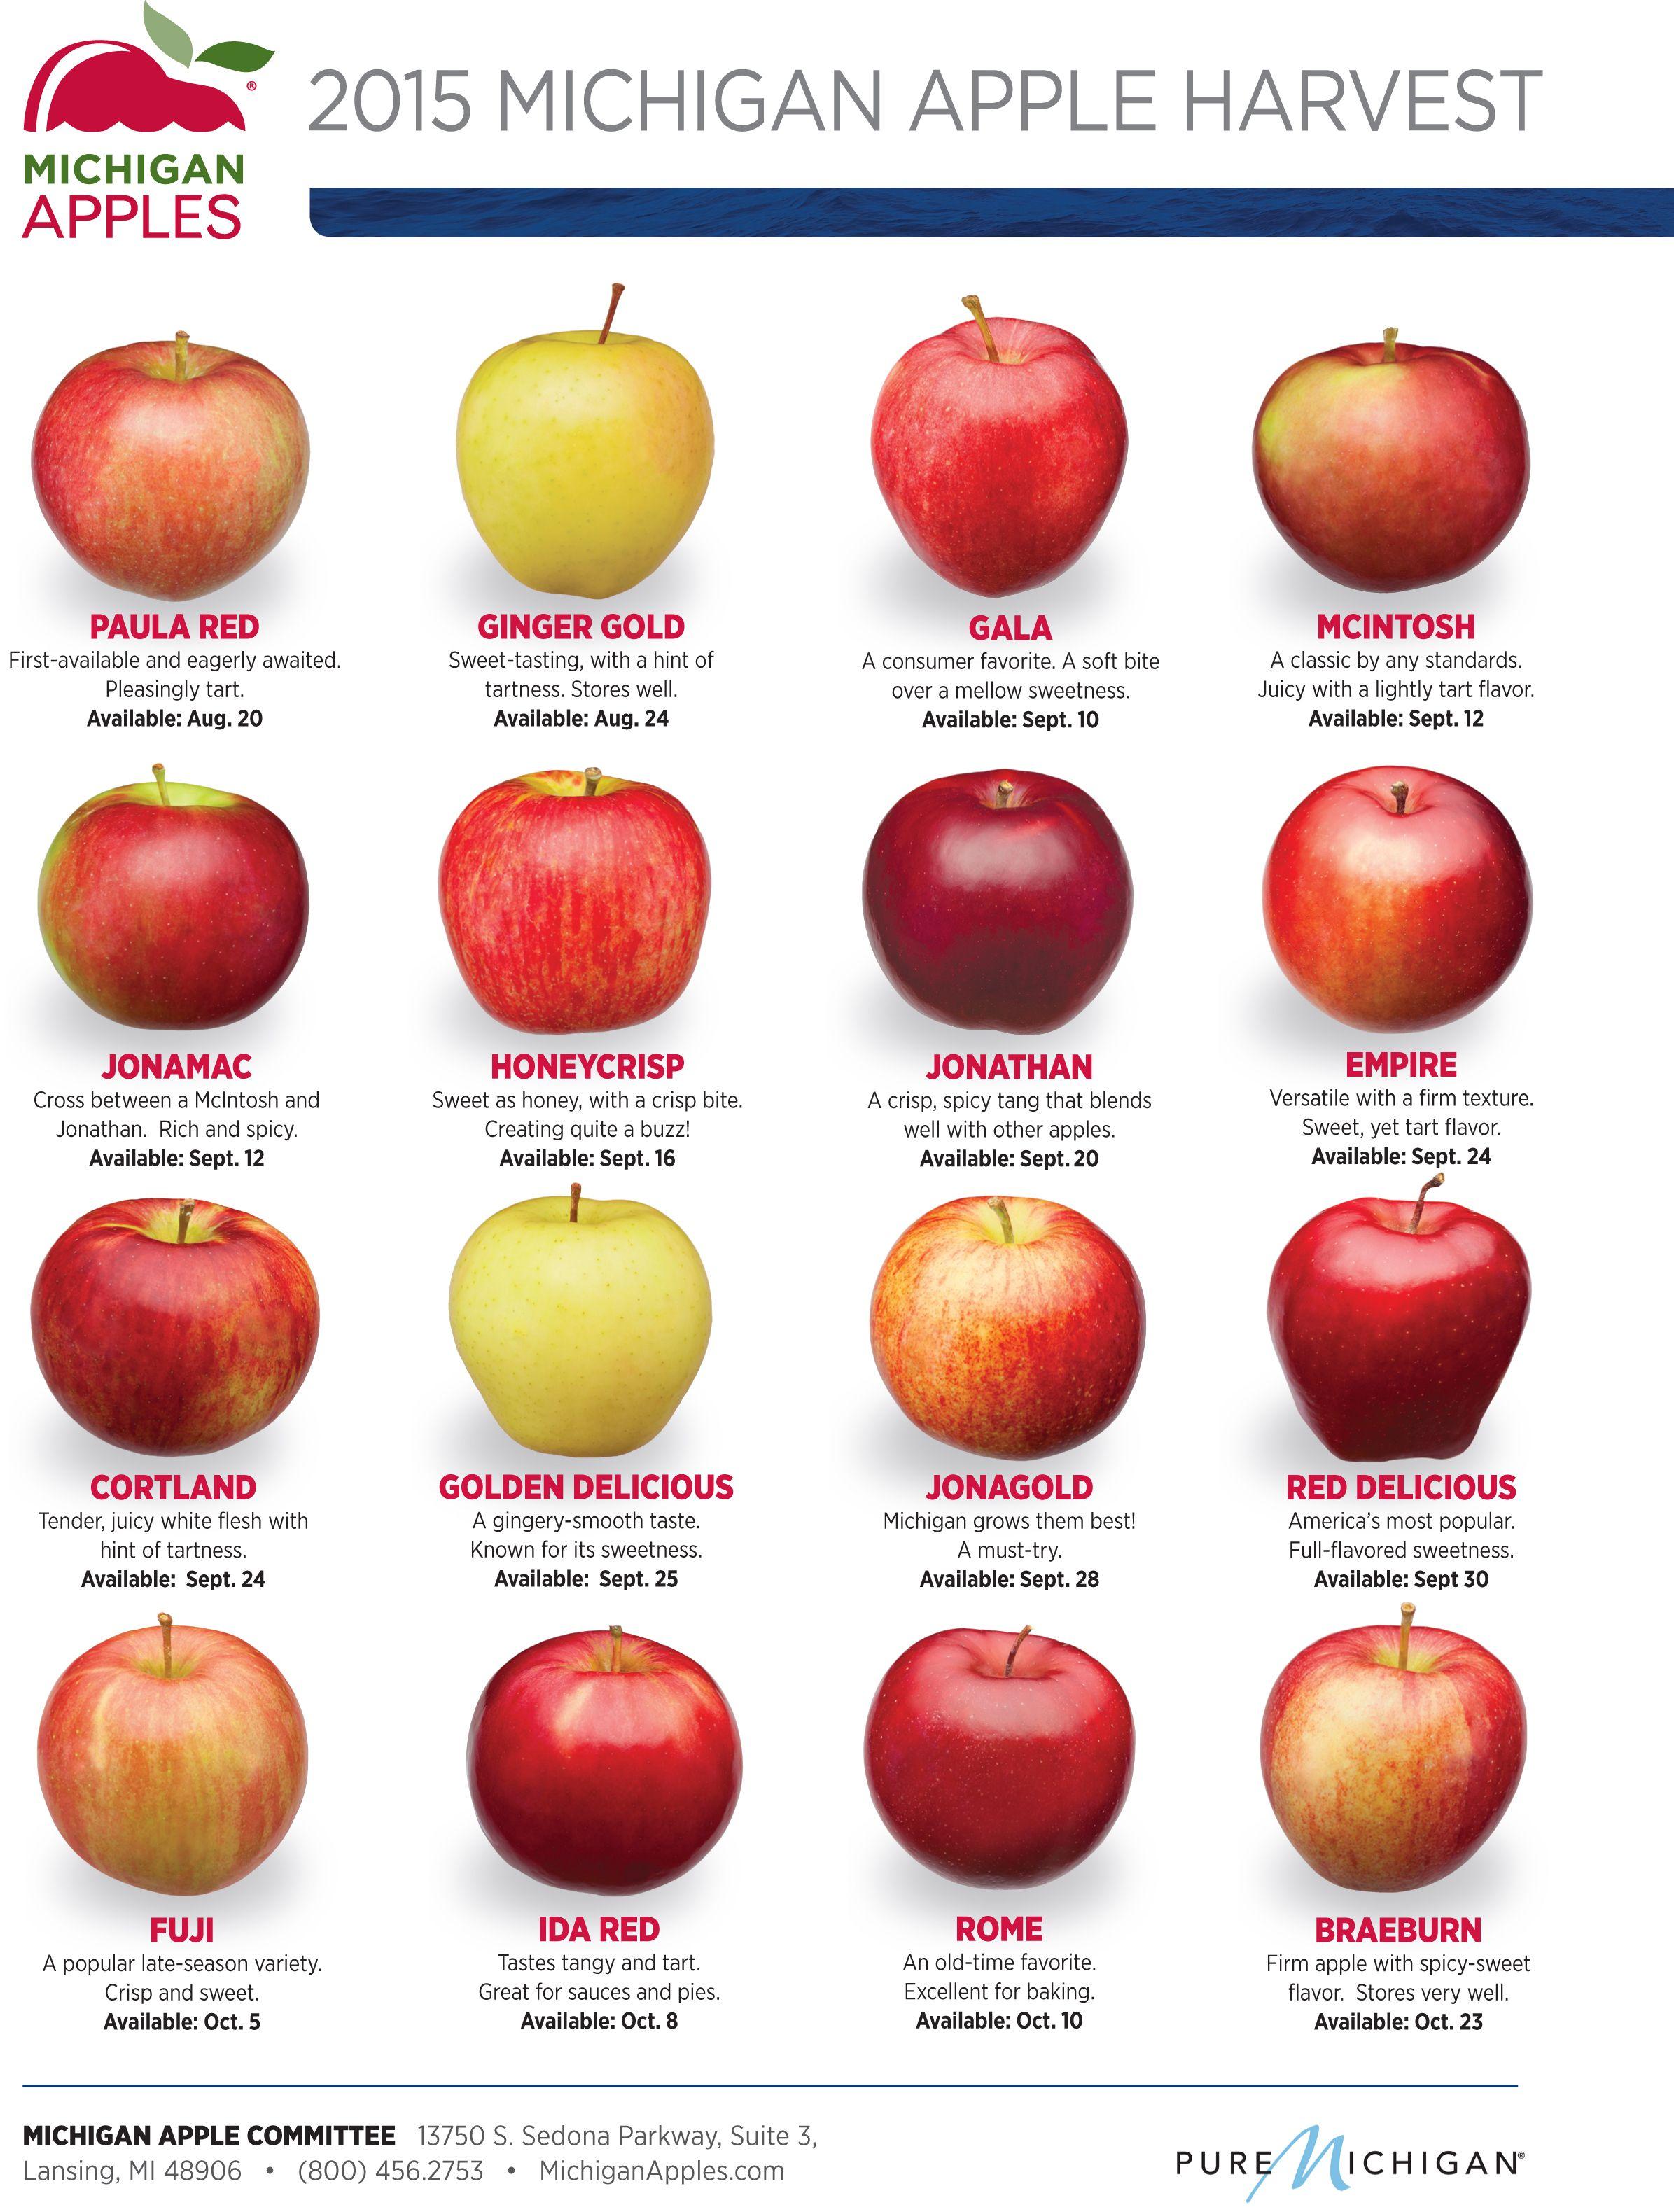 2015 Michigan Apple Harvest Dates - MichiganApples.com ...